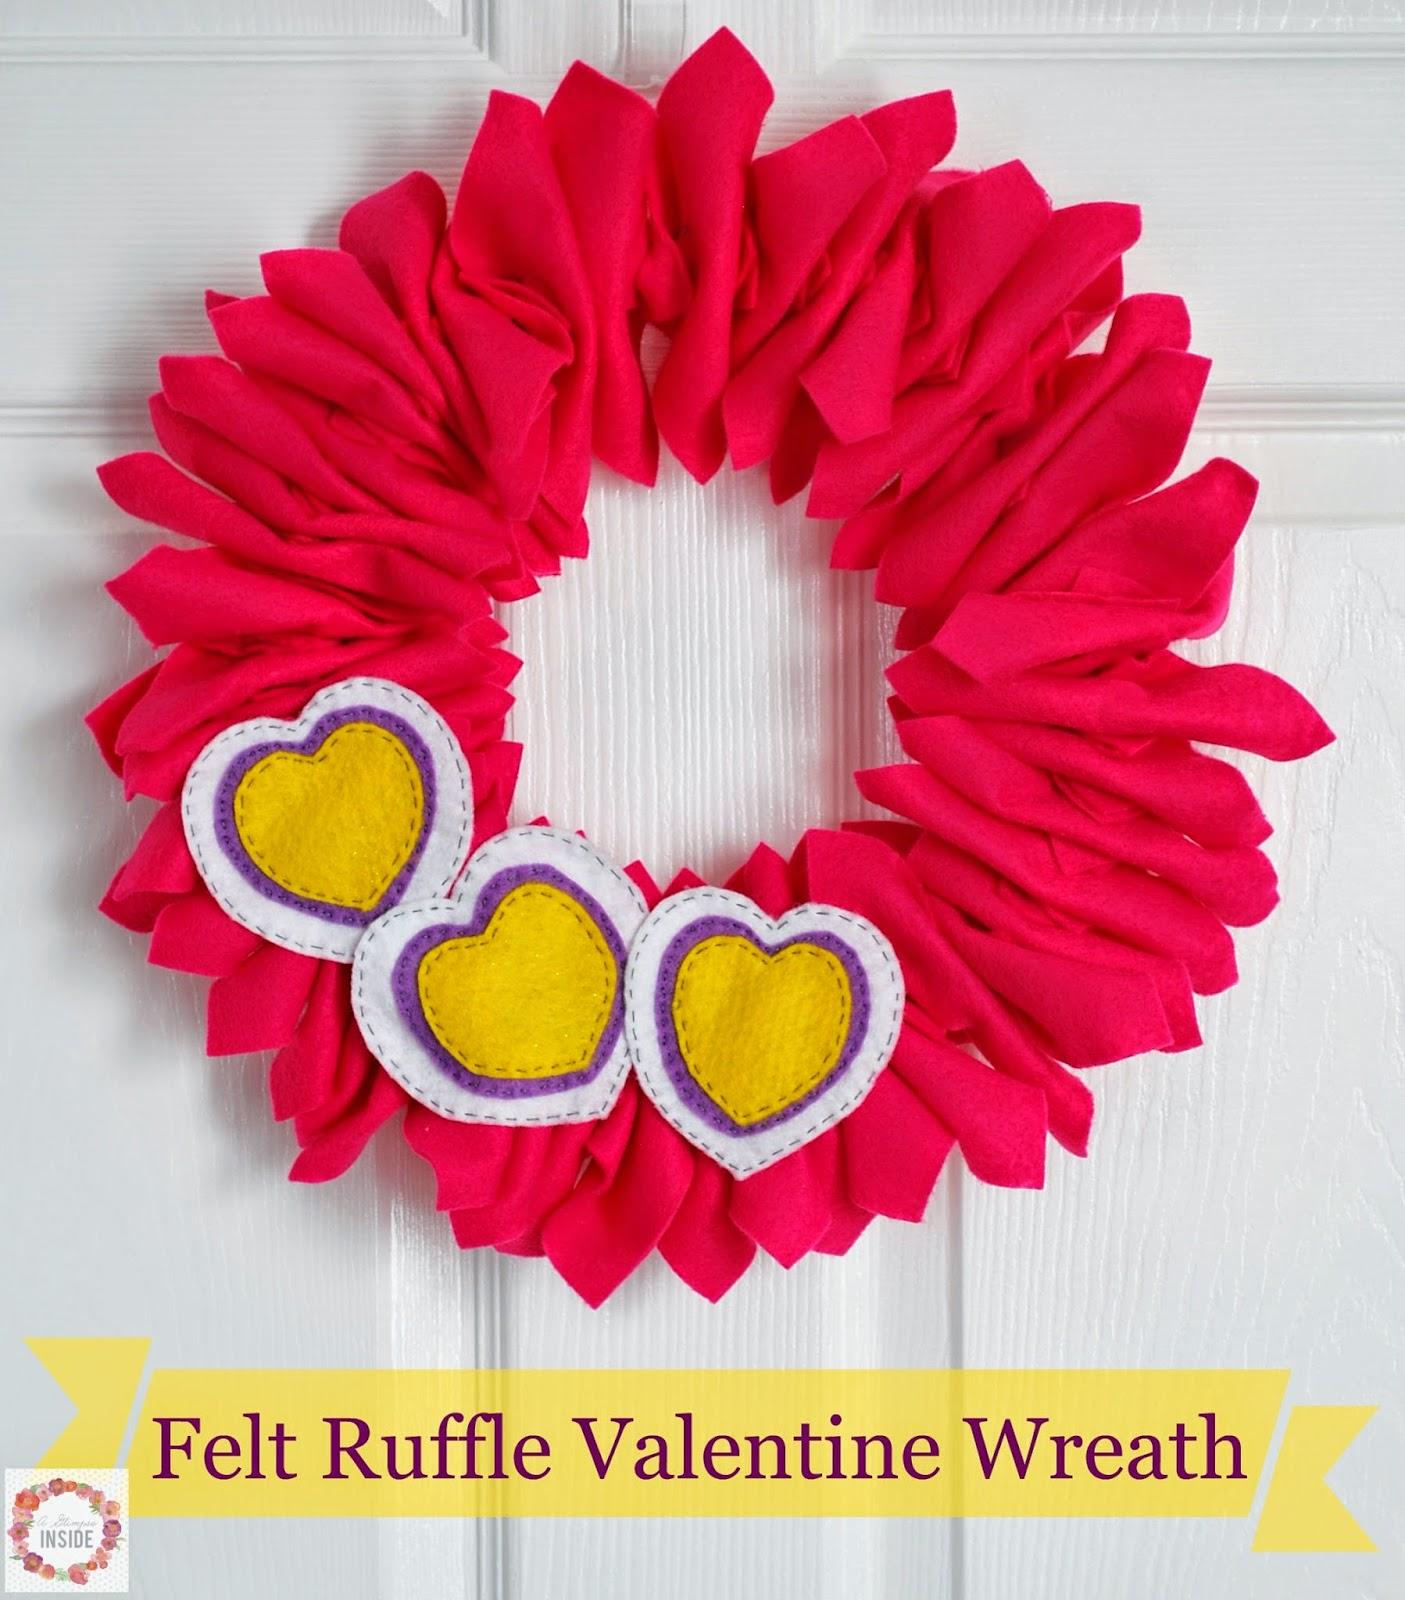 http://www.aglimpseinsideblog.com/2015/01/felt-ruffle-valentine-wreath.html